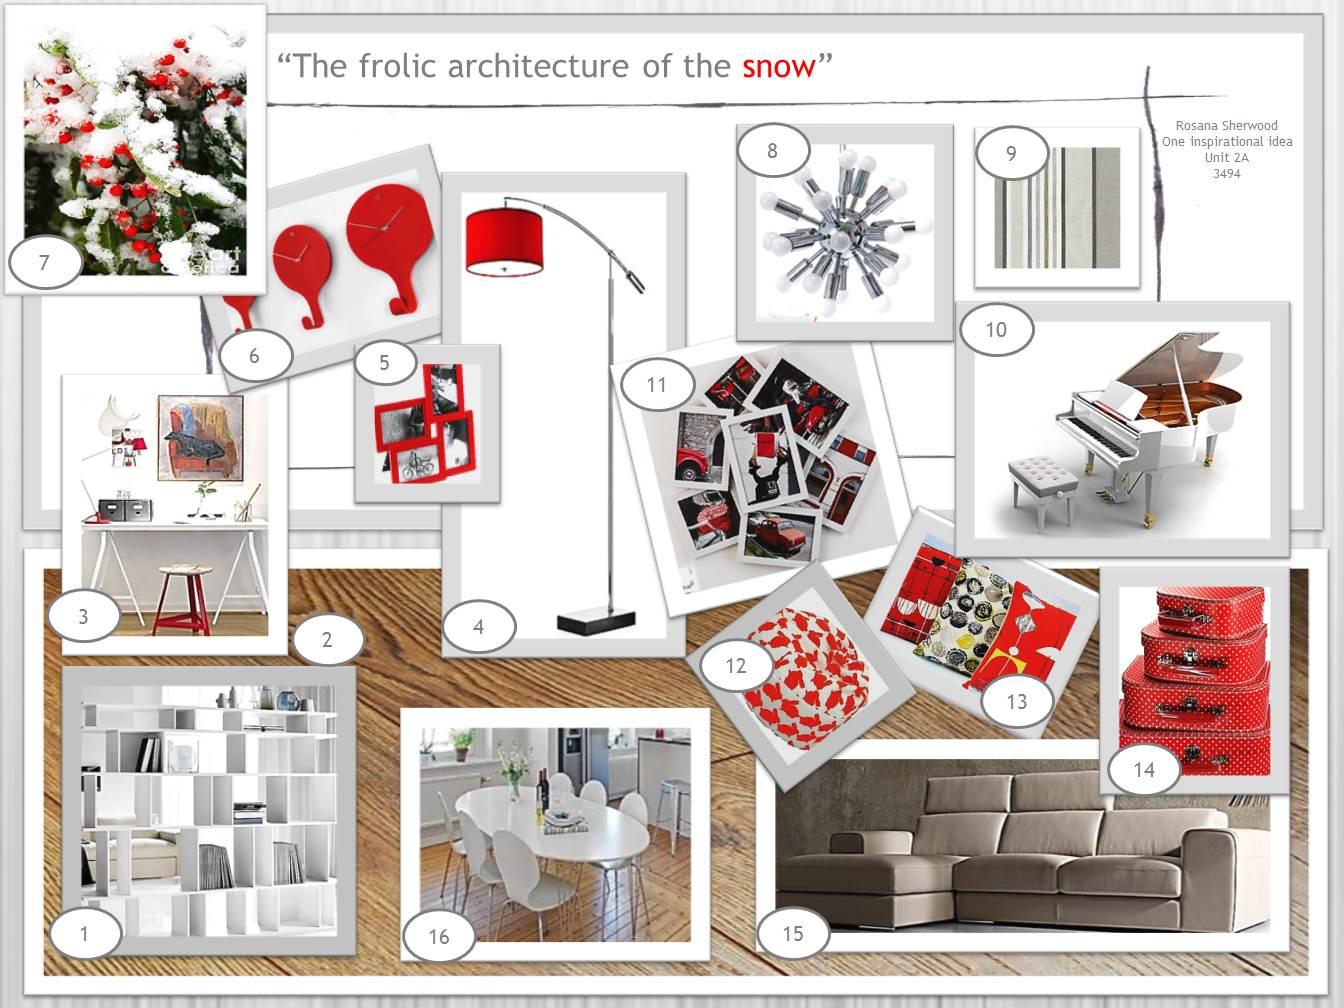 Interior Designs clipart powerpoint presentation For Pinterest PresentationPresentation Board Design